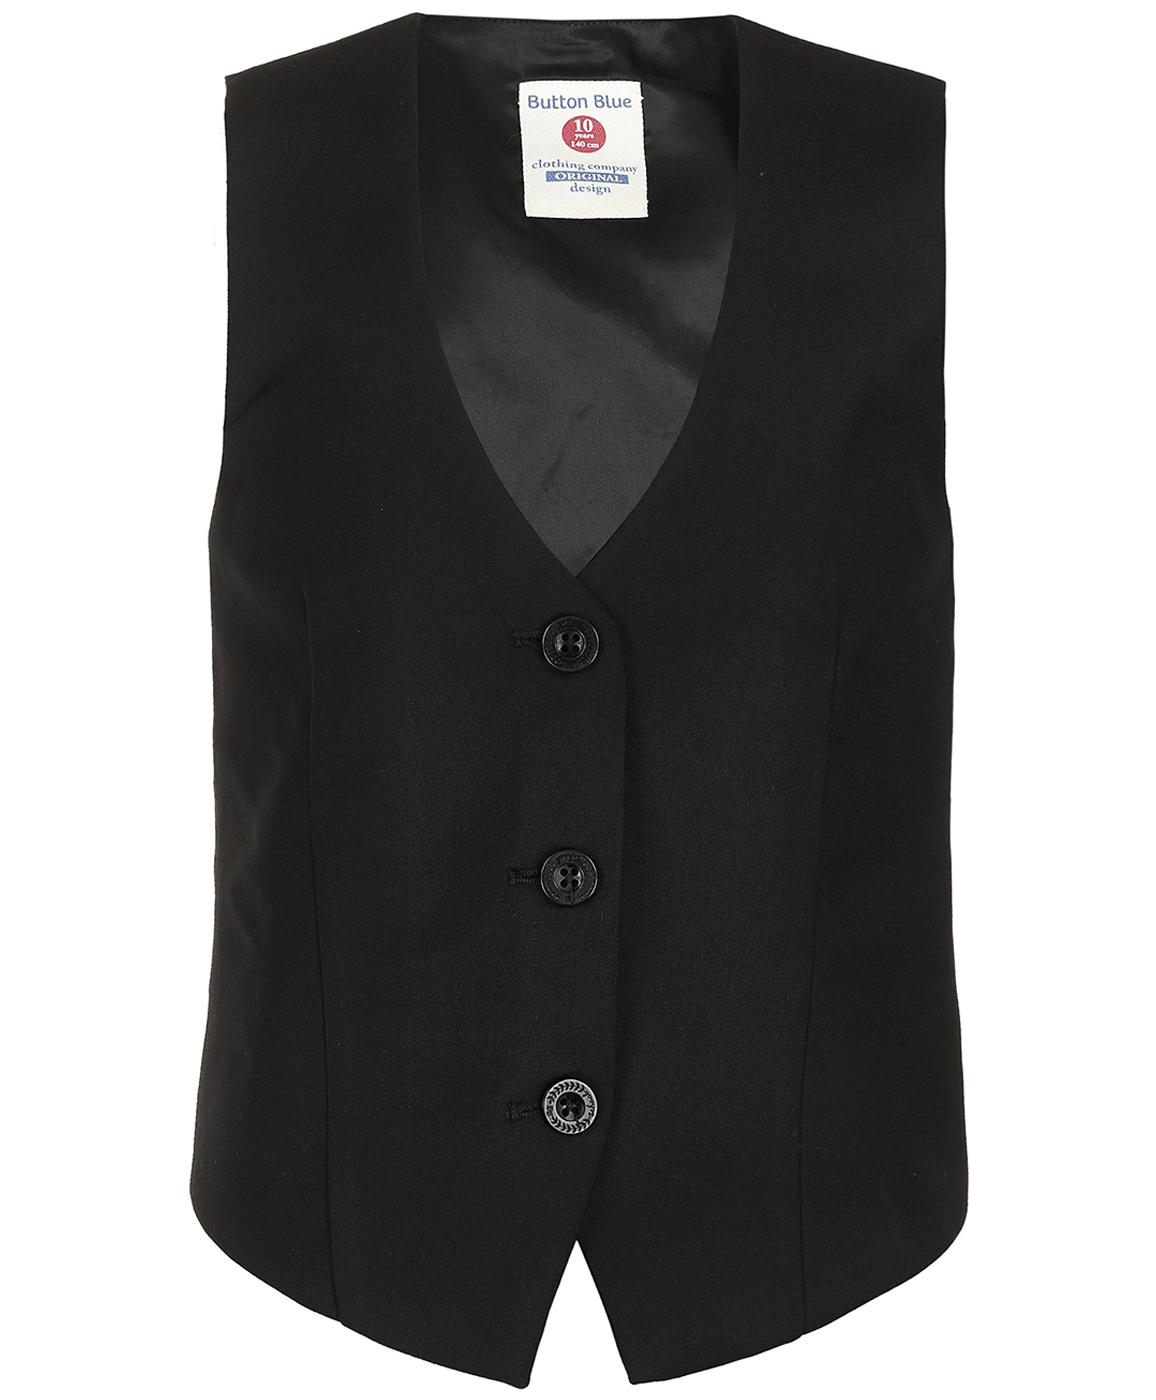 Купить 219BBGS47020800, Черный классический жилет Button Blue, черный, 122, Женский, ОСЕНЬ/ЗИМА 2019-2020 (shop: GulliverMarket Gulliver Market)